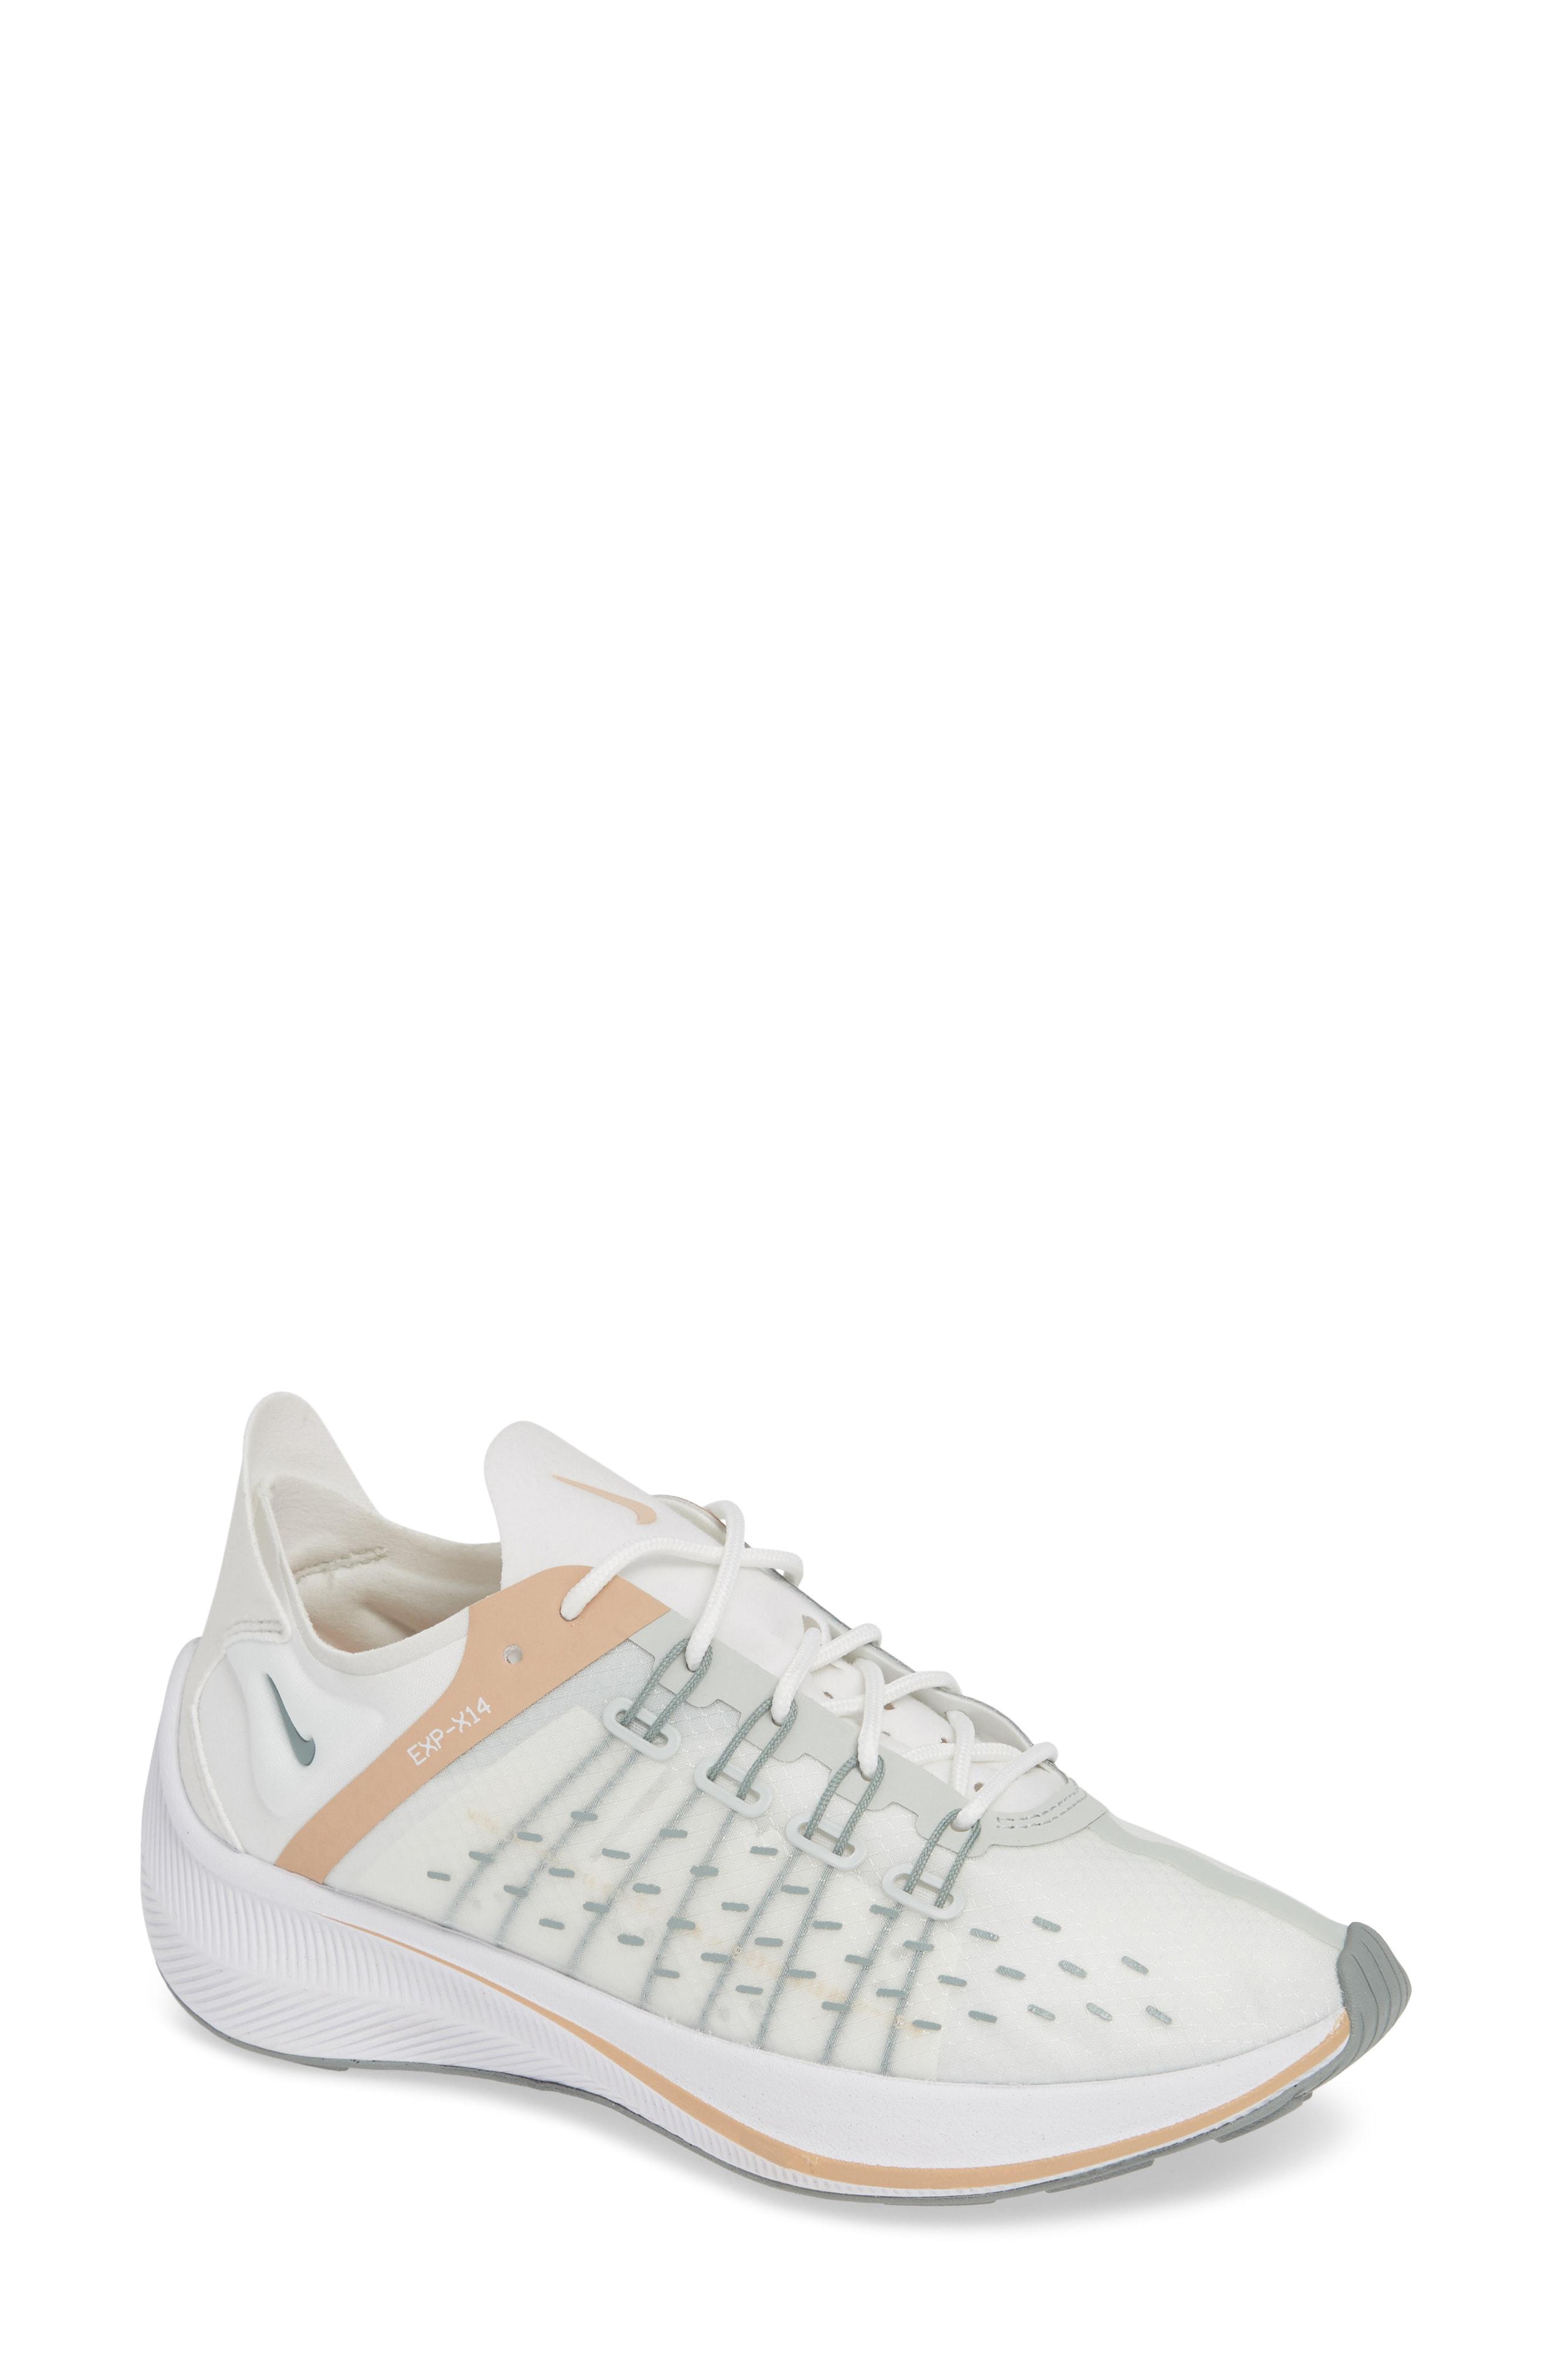 Nike EXP-X14 Sneaker (Women)